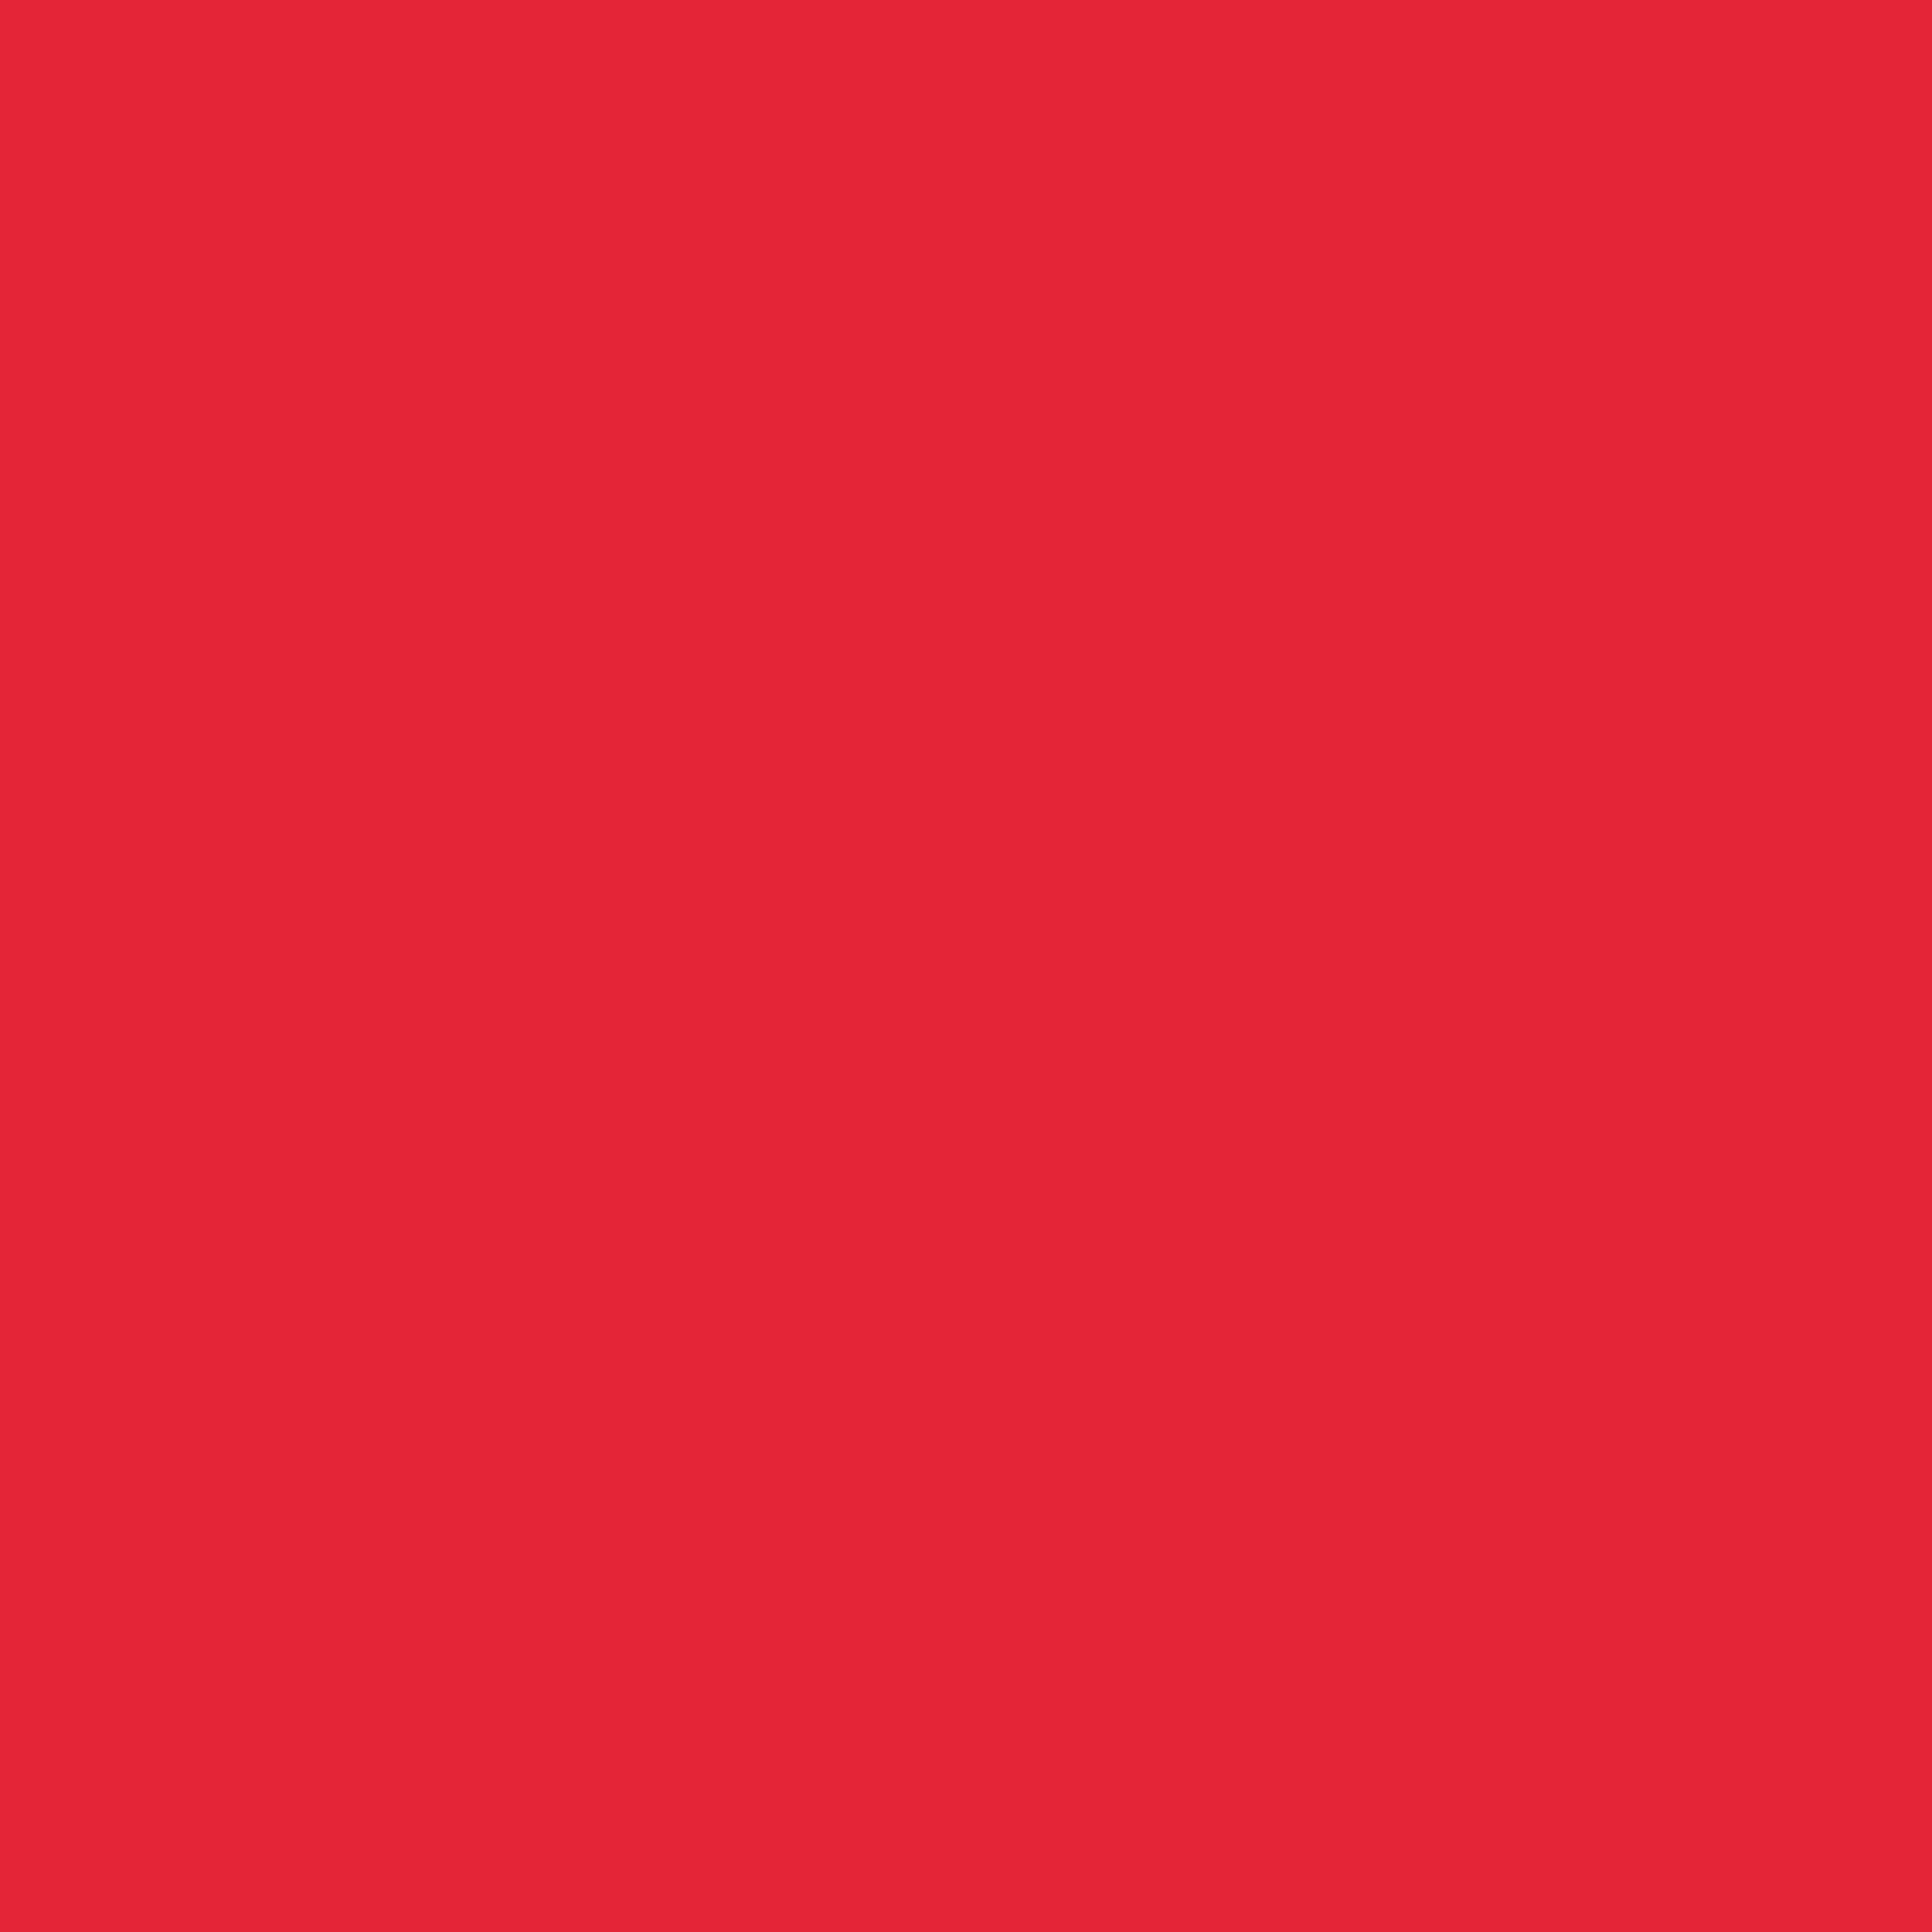 2048x2048 Alizarin Crimson Solid Color Background